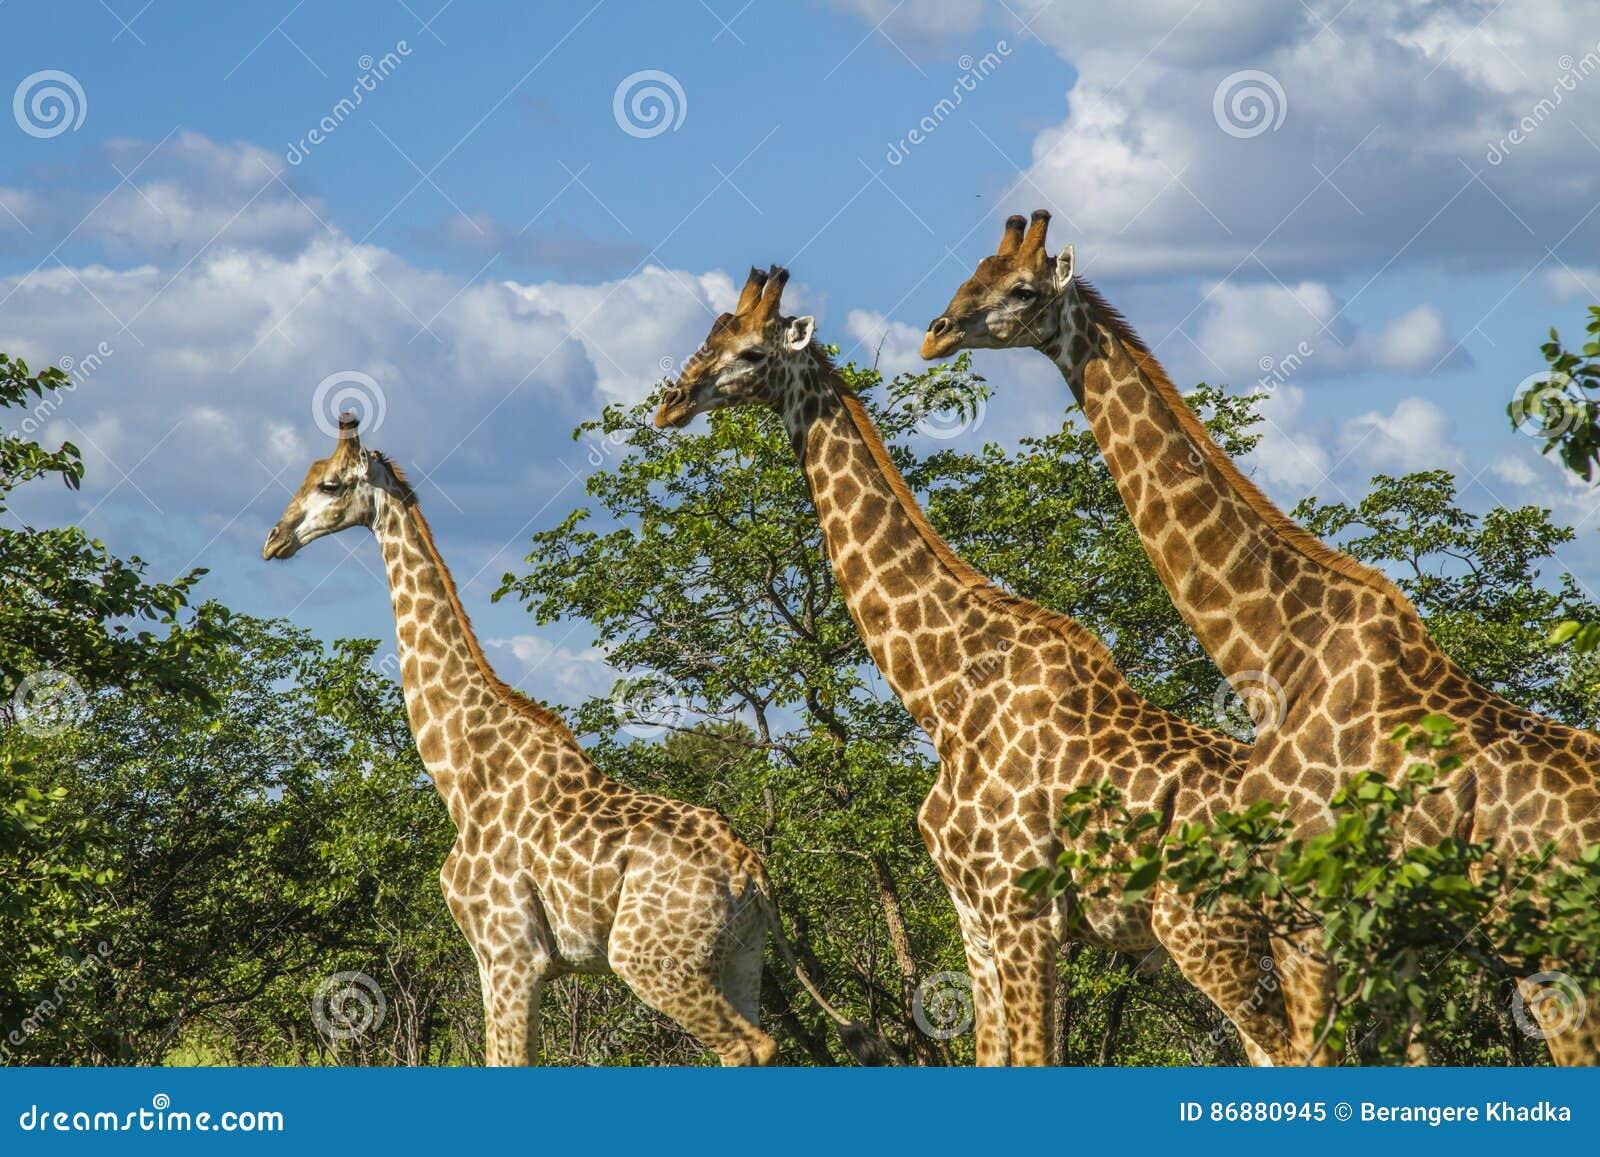 Groupe de girafes dans le buisson en parc de Kruger, Afrique du Sud